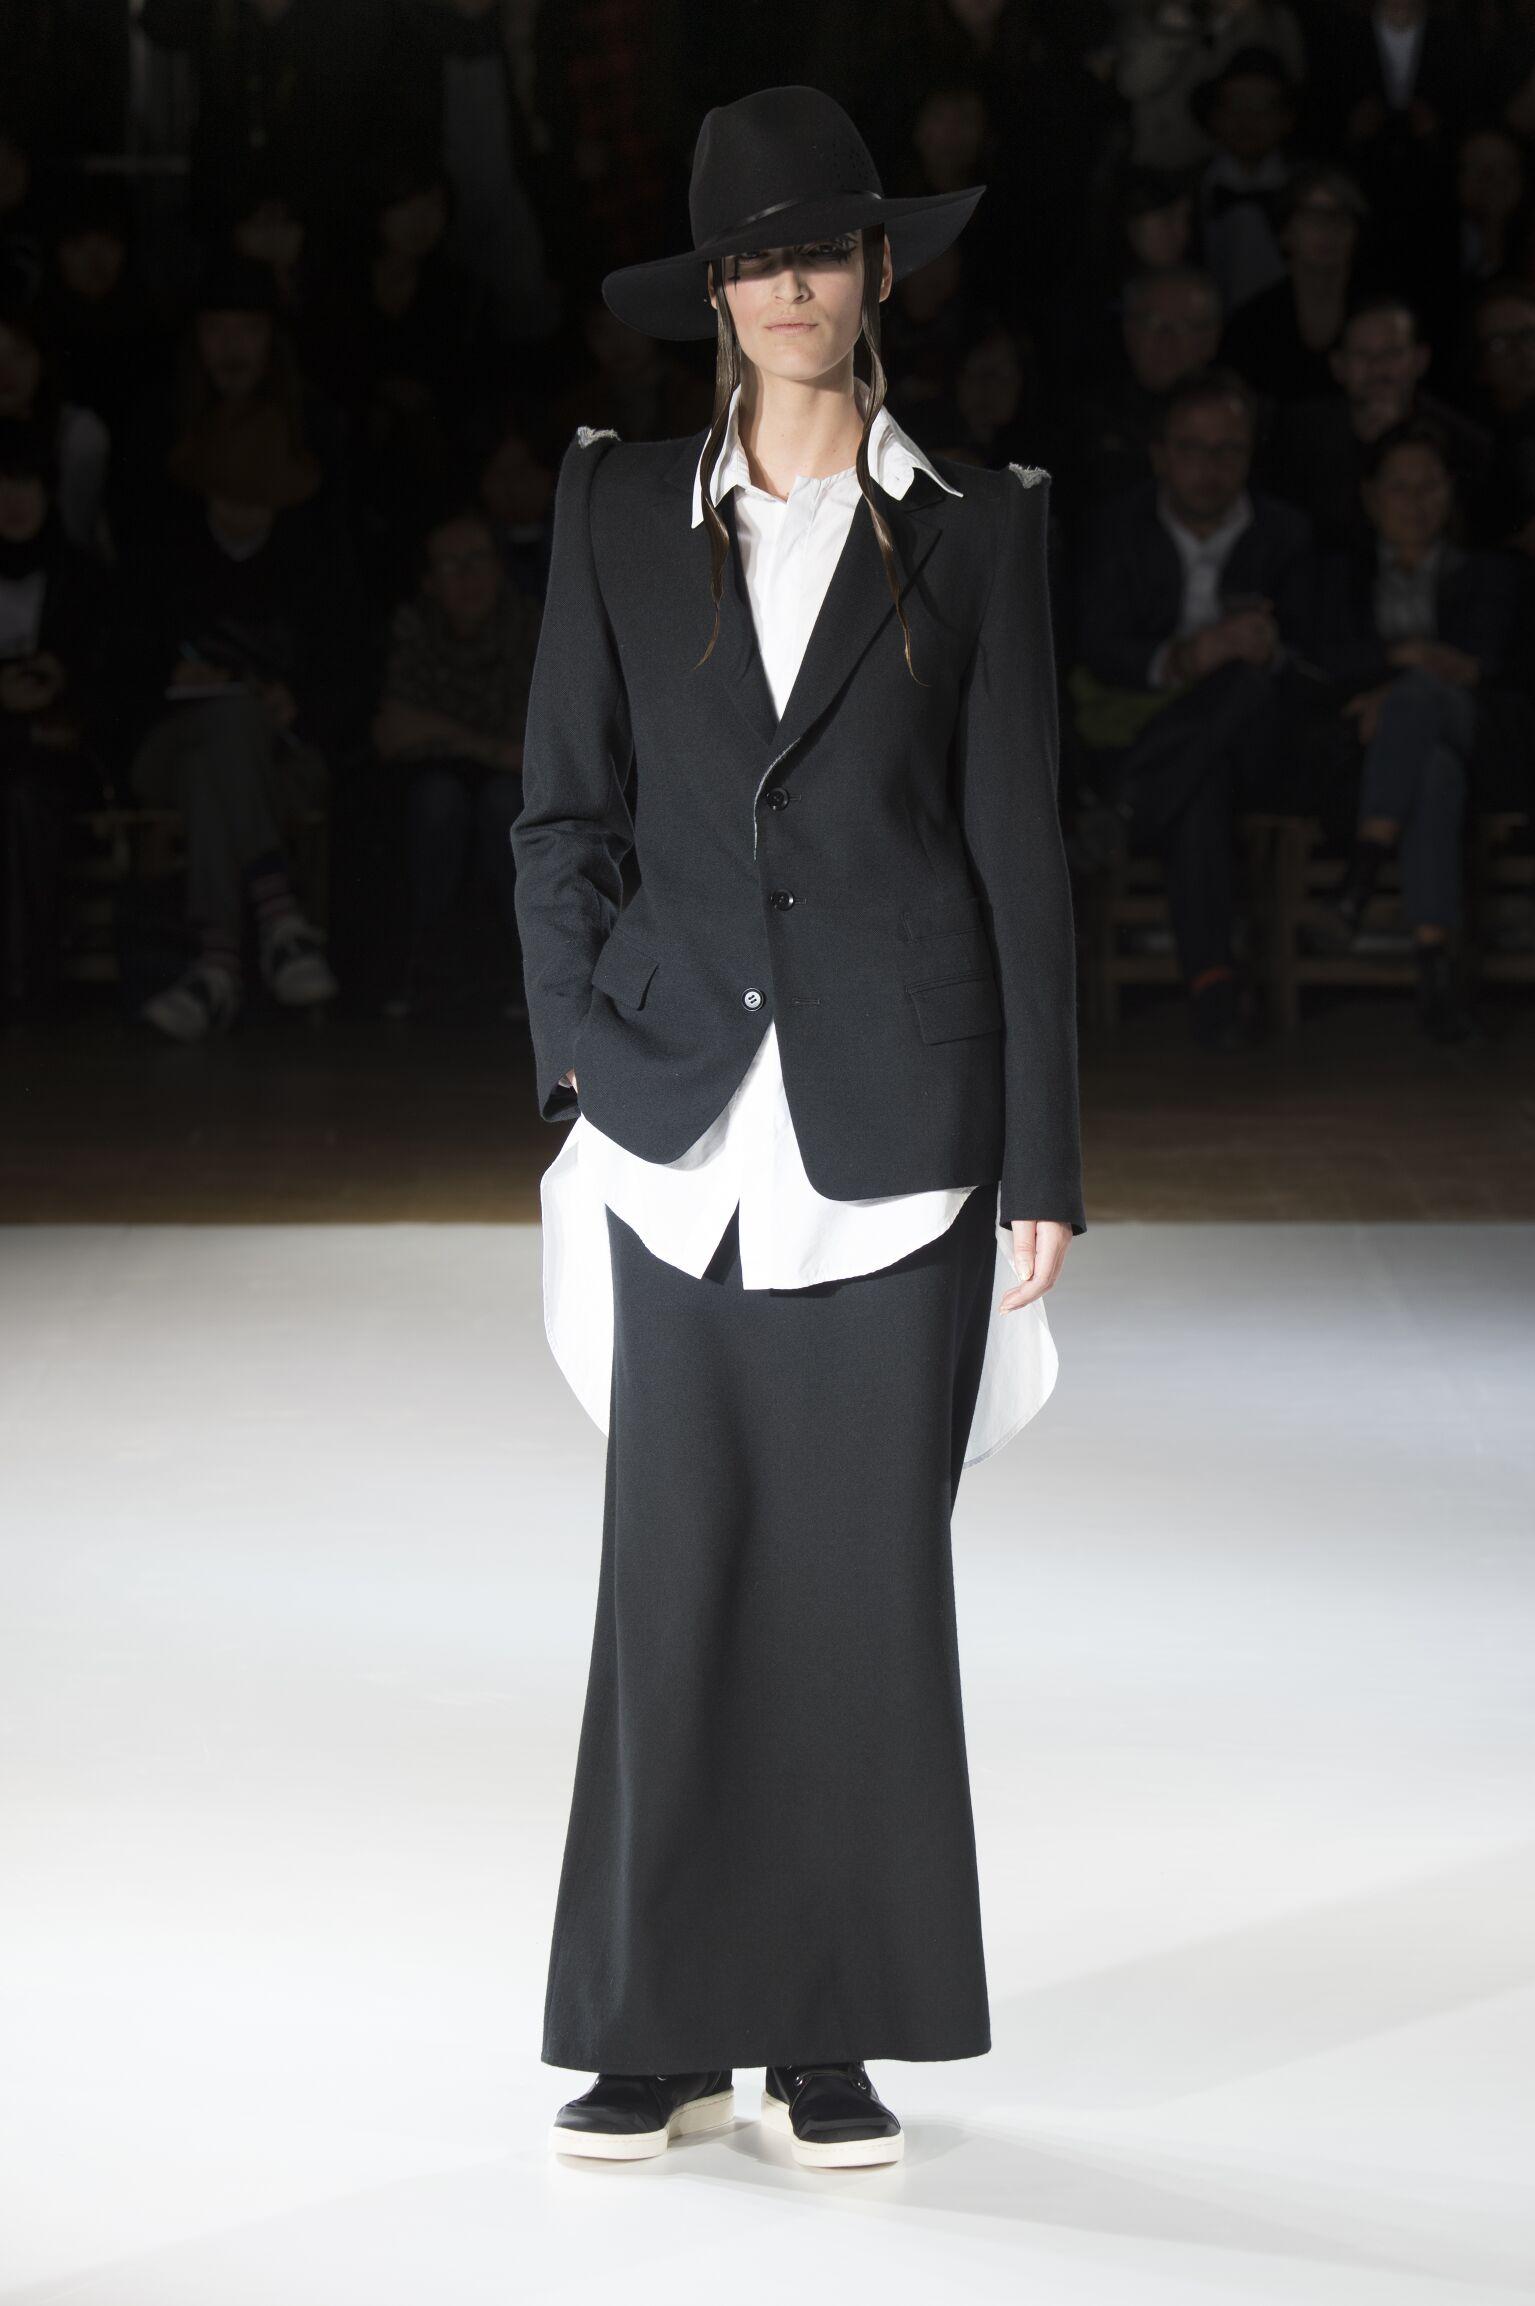 Fashion Women Models Yohji Yamamoto Collection Catwalk